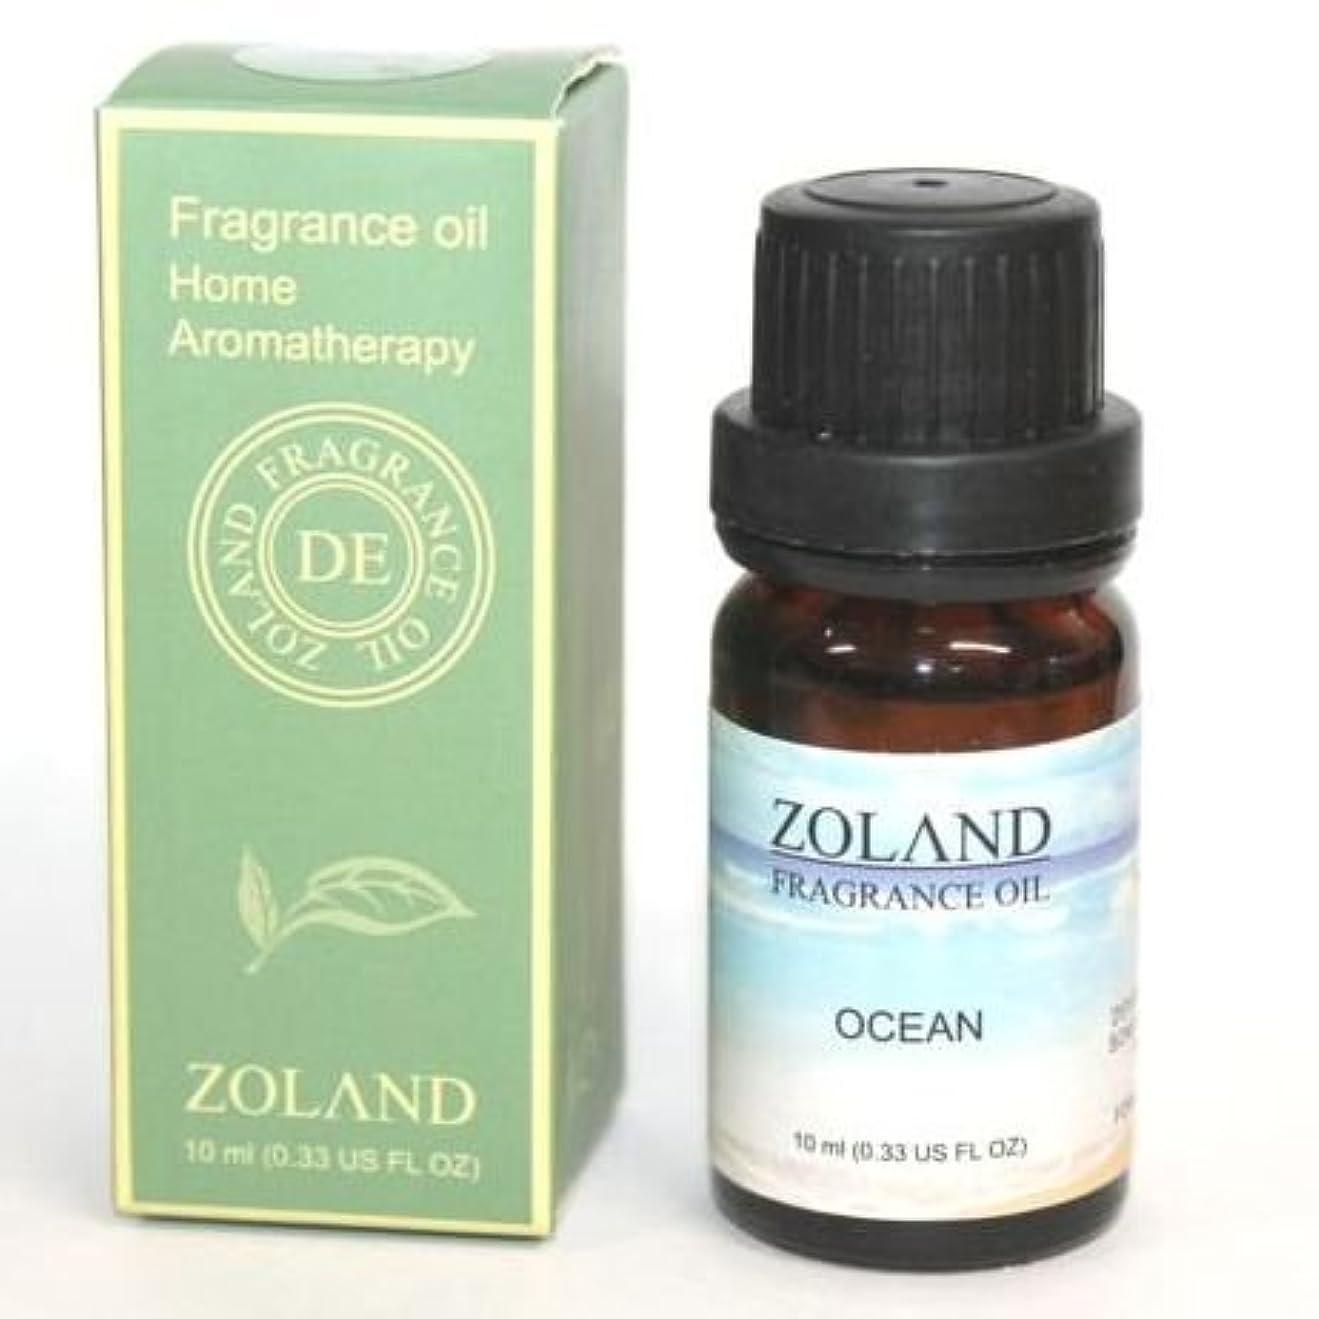 弱まる表面結晶ZOLAND アロマオイル AROMA OIL フレグランスオイル OCEAN オーシャン 海の香り ZQ-6